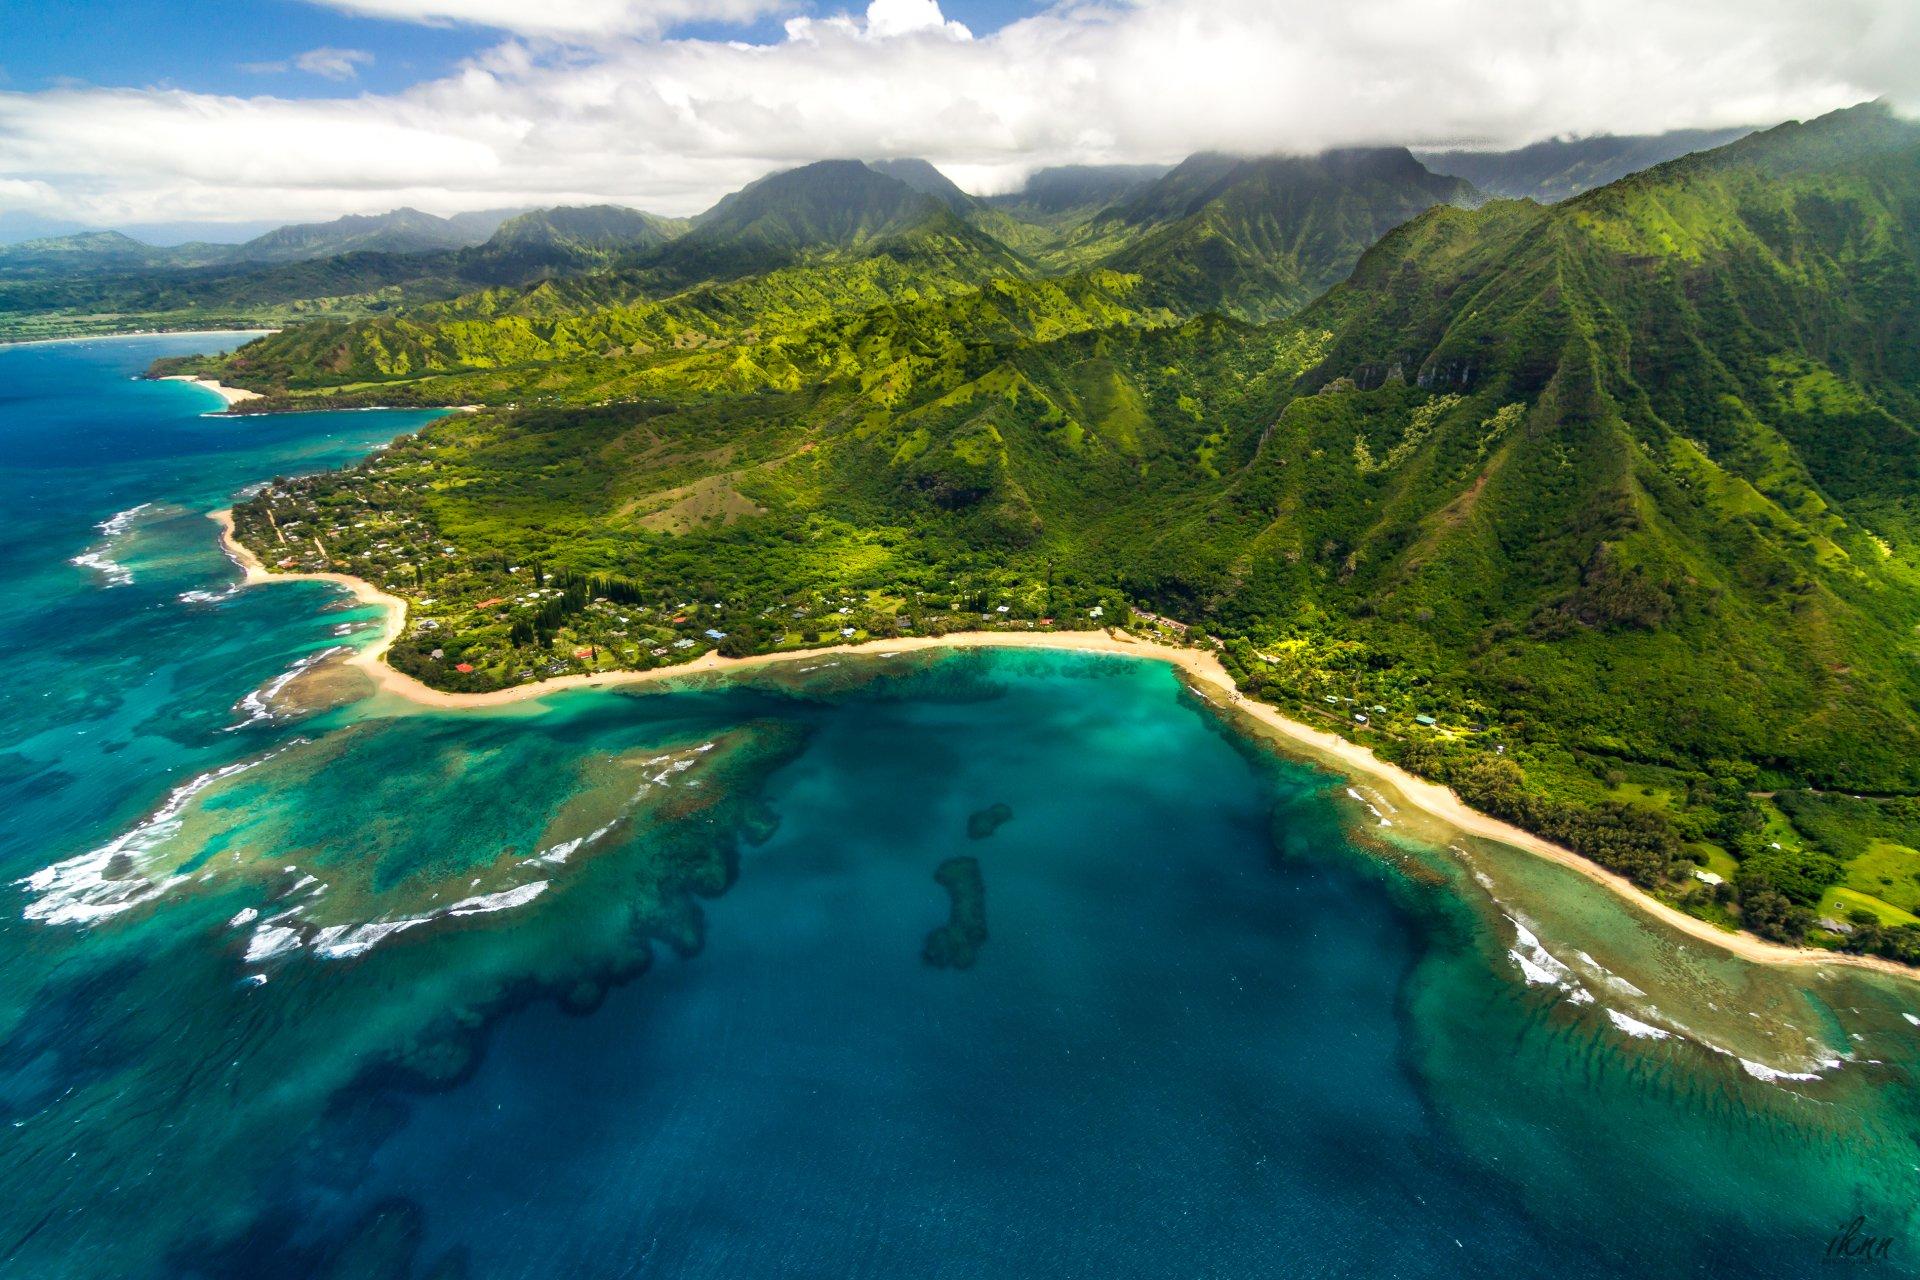 Hawaii Wallpapers Hd: Maniniholo Bay In Hawaii 4k Ultra HD Wallpaper